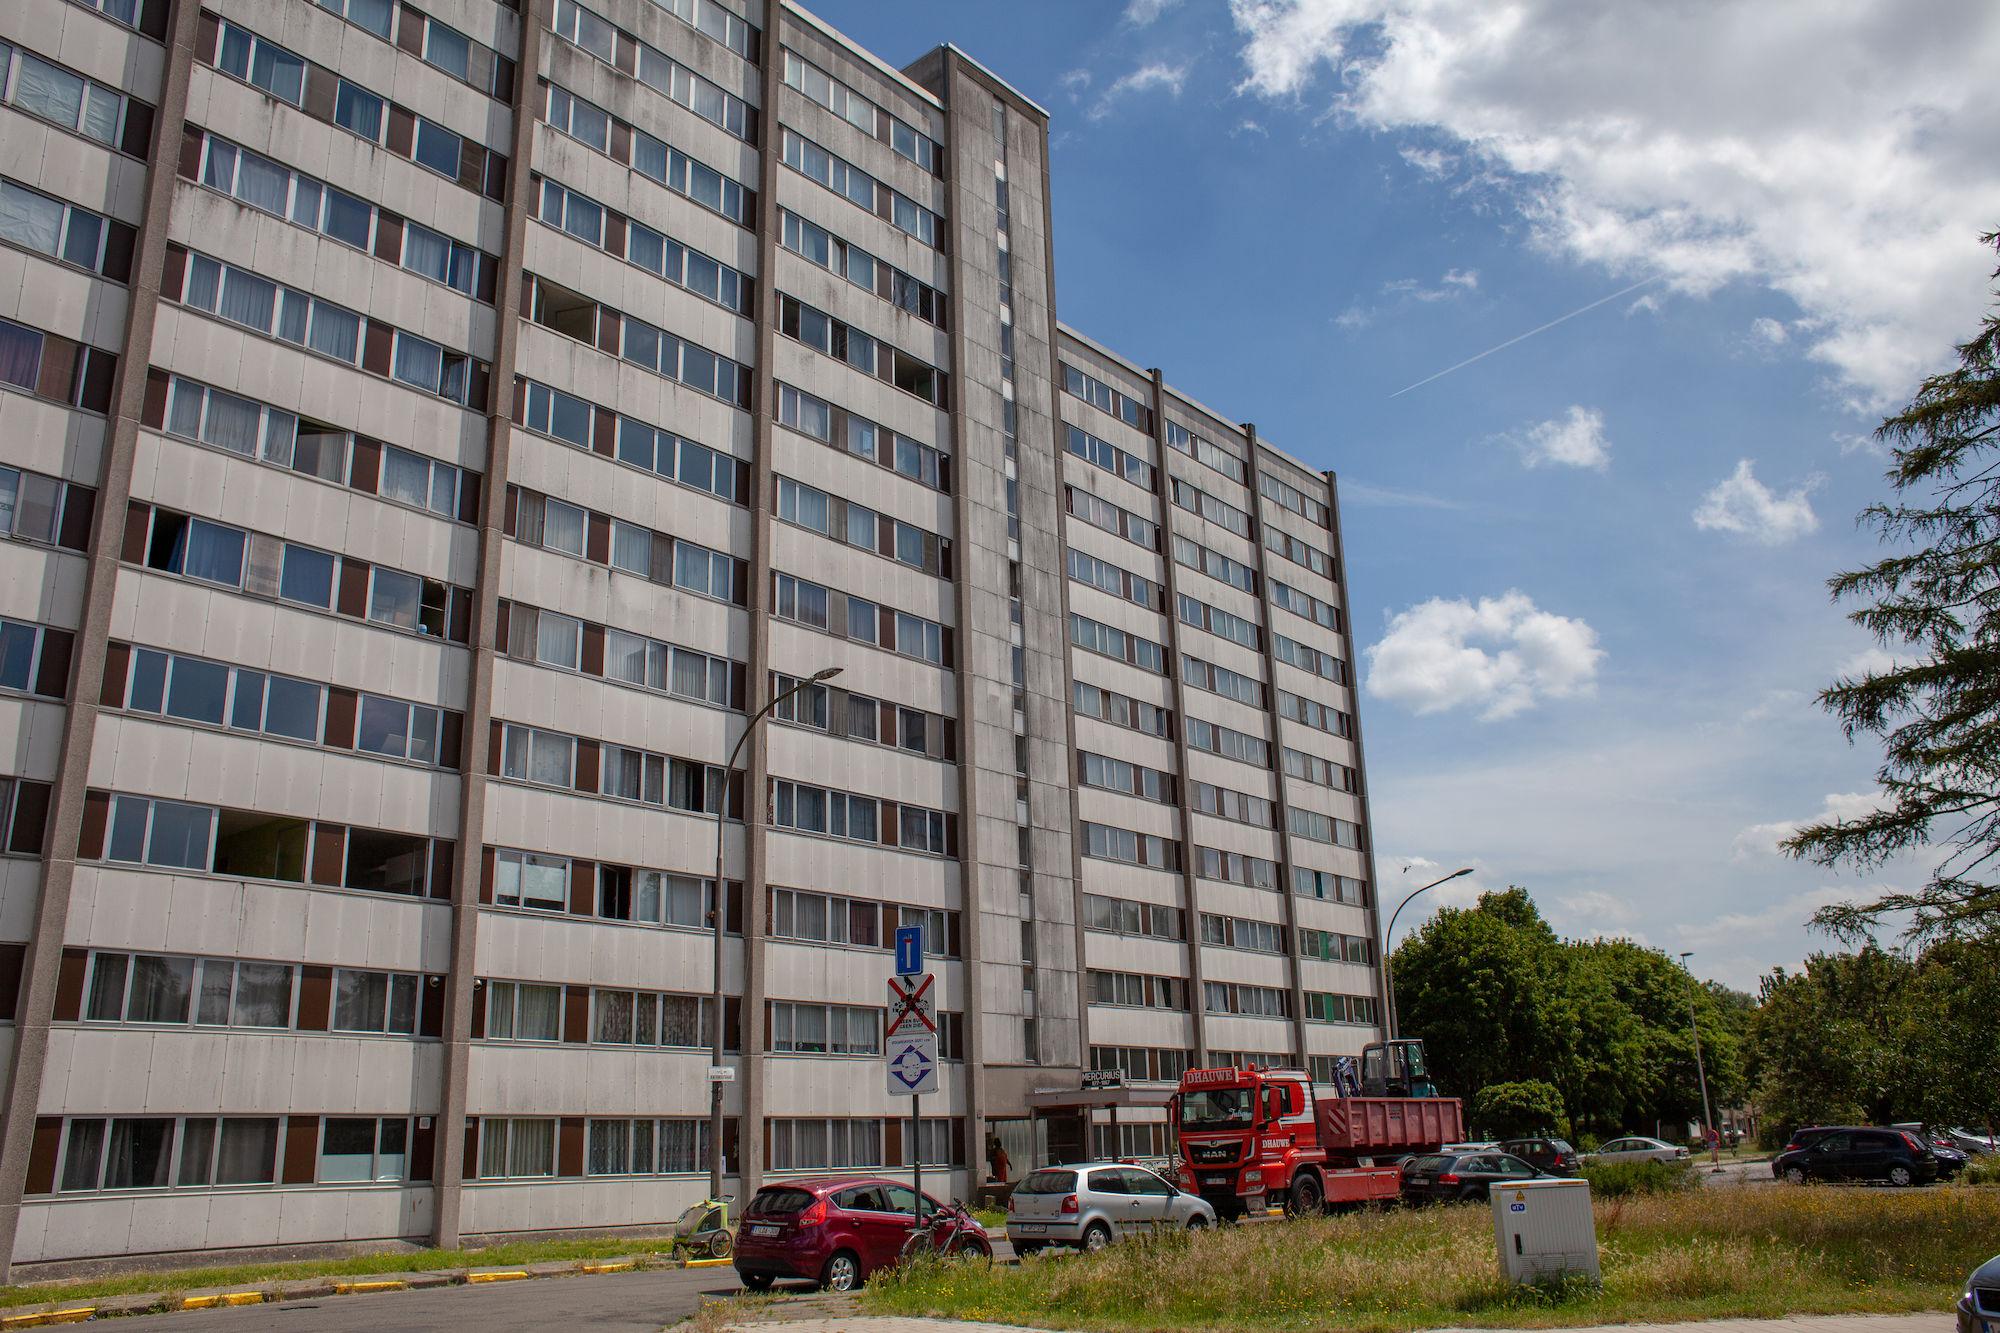 2019-07-01 Nieuw Gent prospectie met Wannes_stadsvernieuwing_IMG_0194-3.jpg